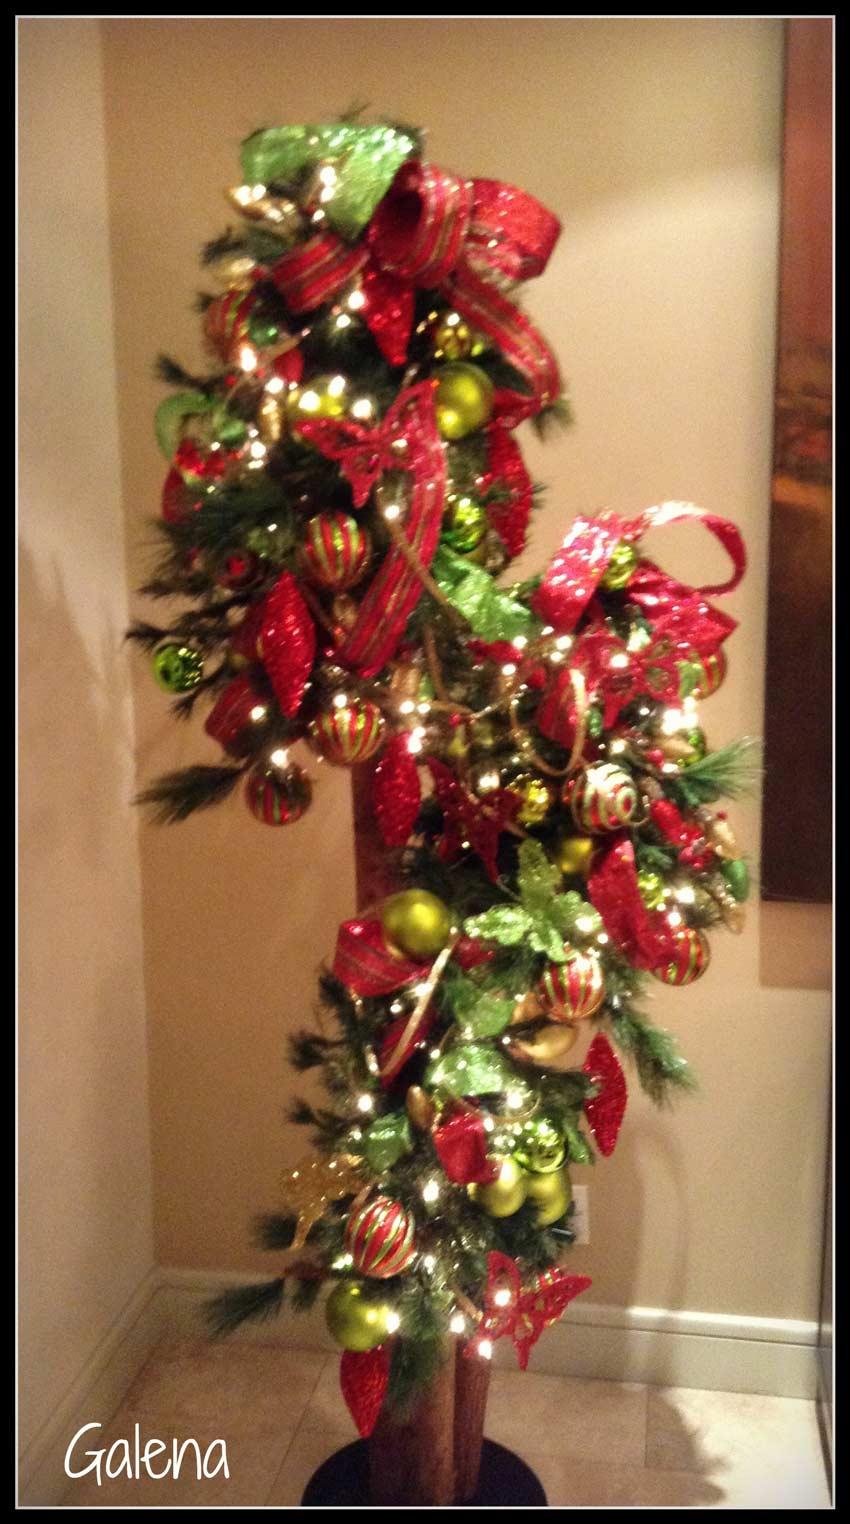 Navidad-Christmas-deco-triada-de-arbolitos-navideños